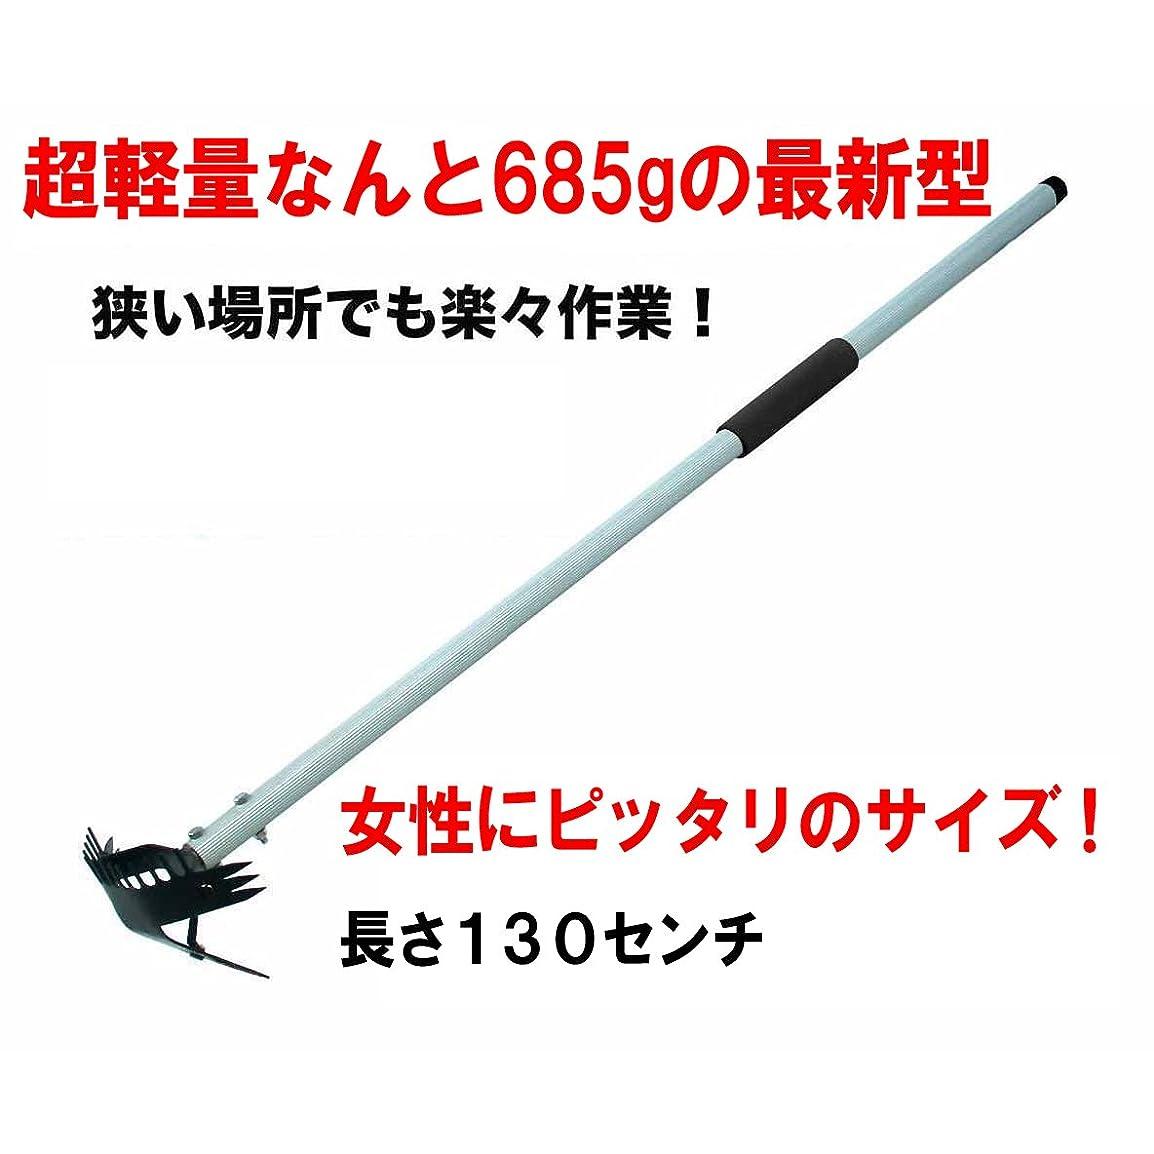 大胆不敵重さ石炭SILKY(シルキー) 枝打ち鋸 はやうち3段 390 178-39